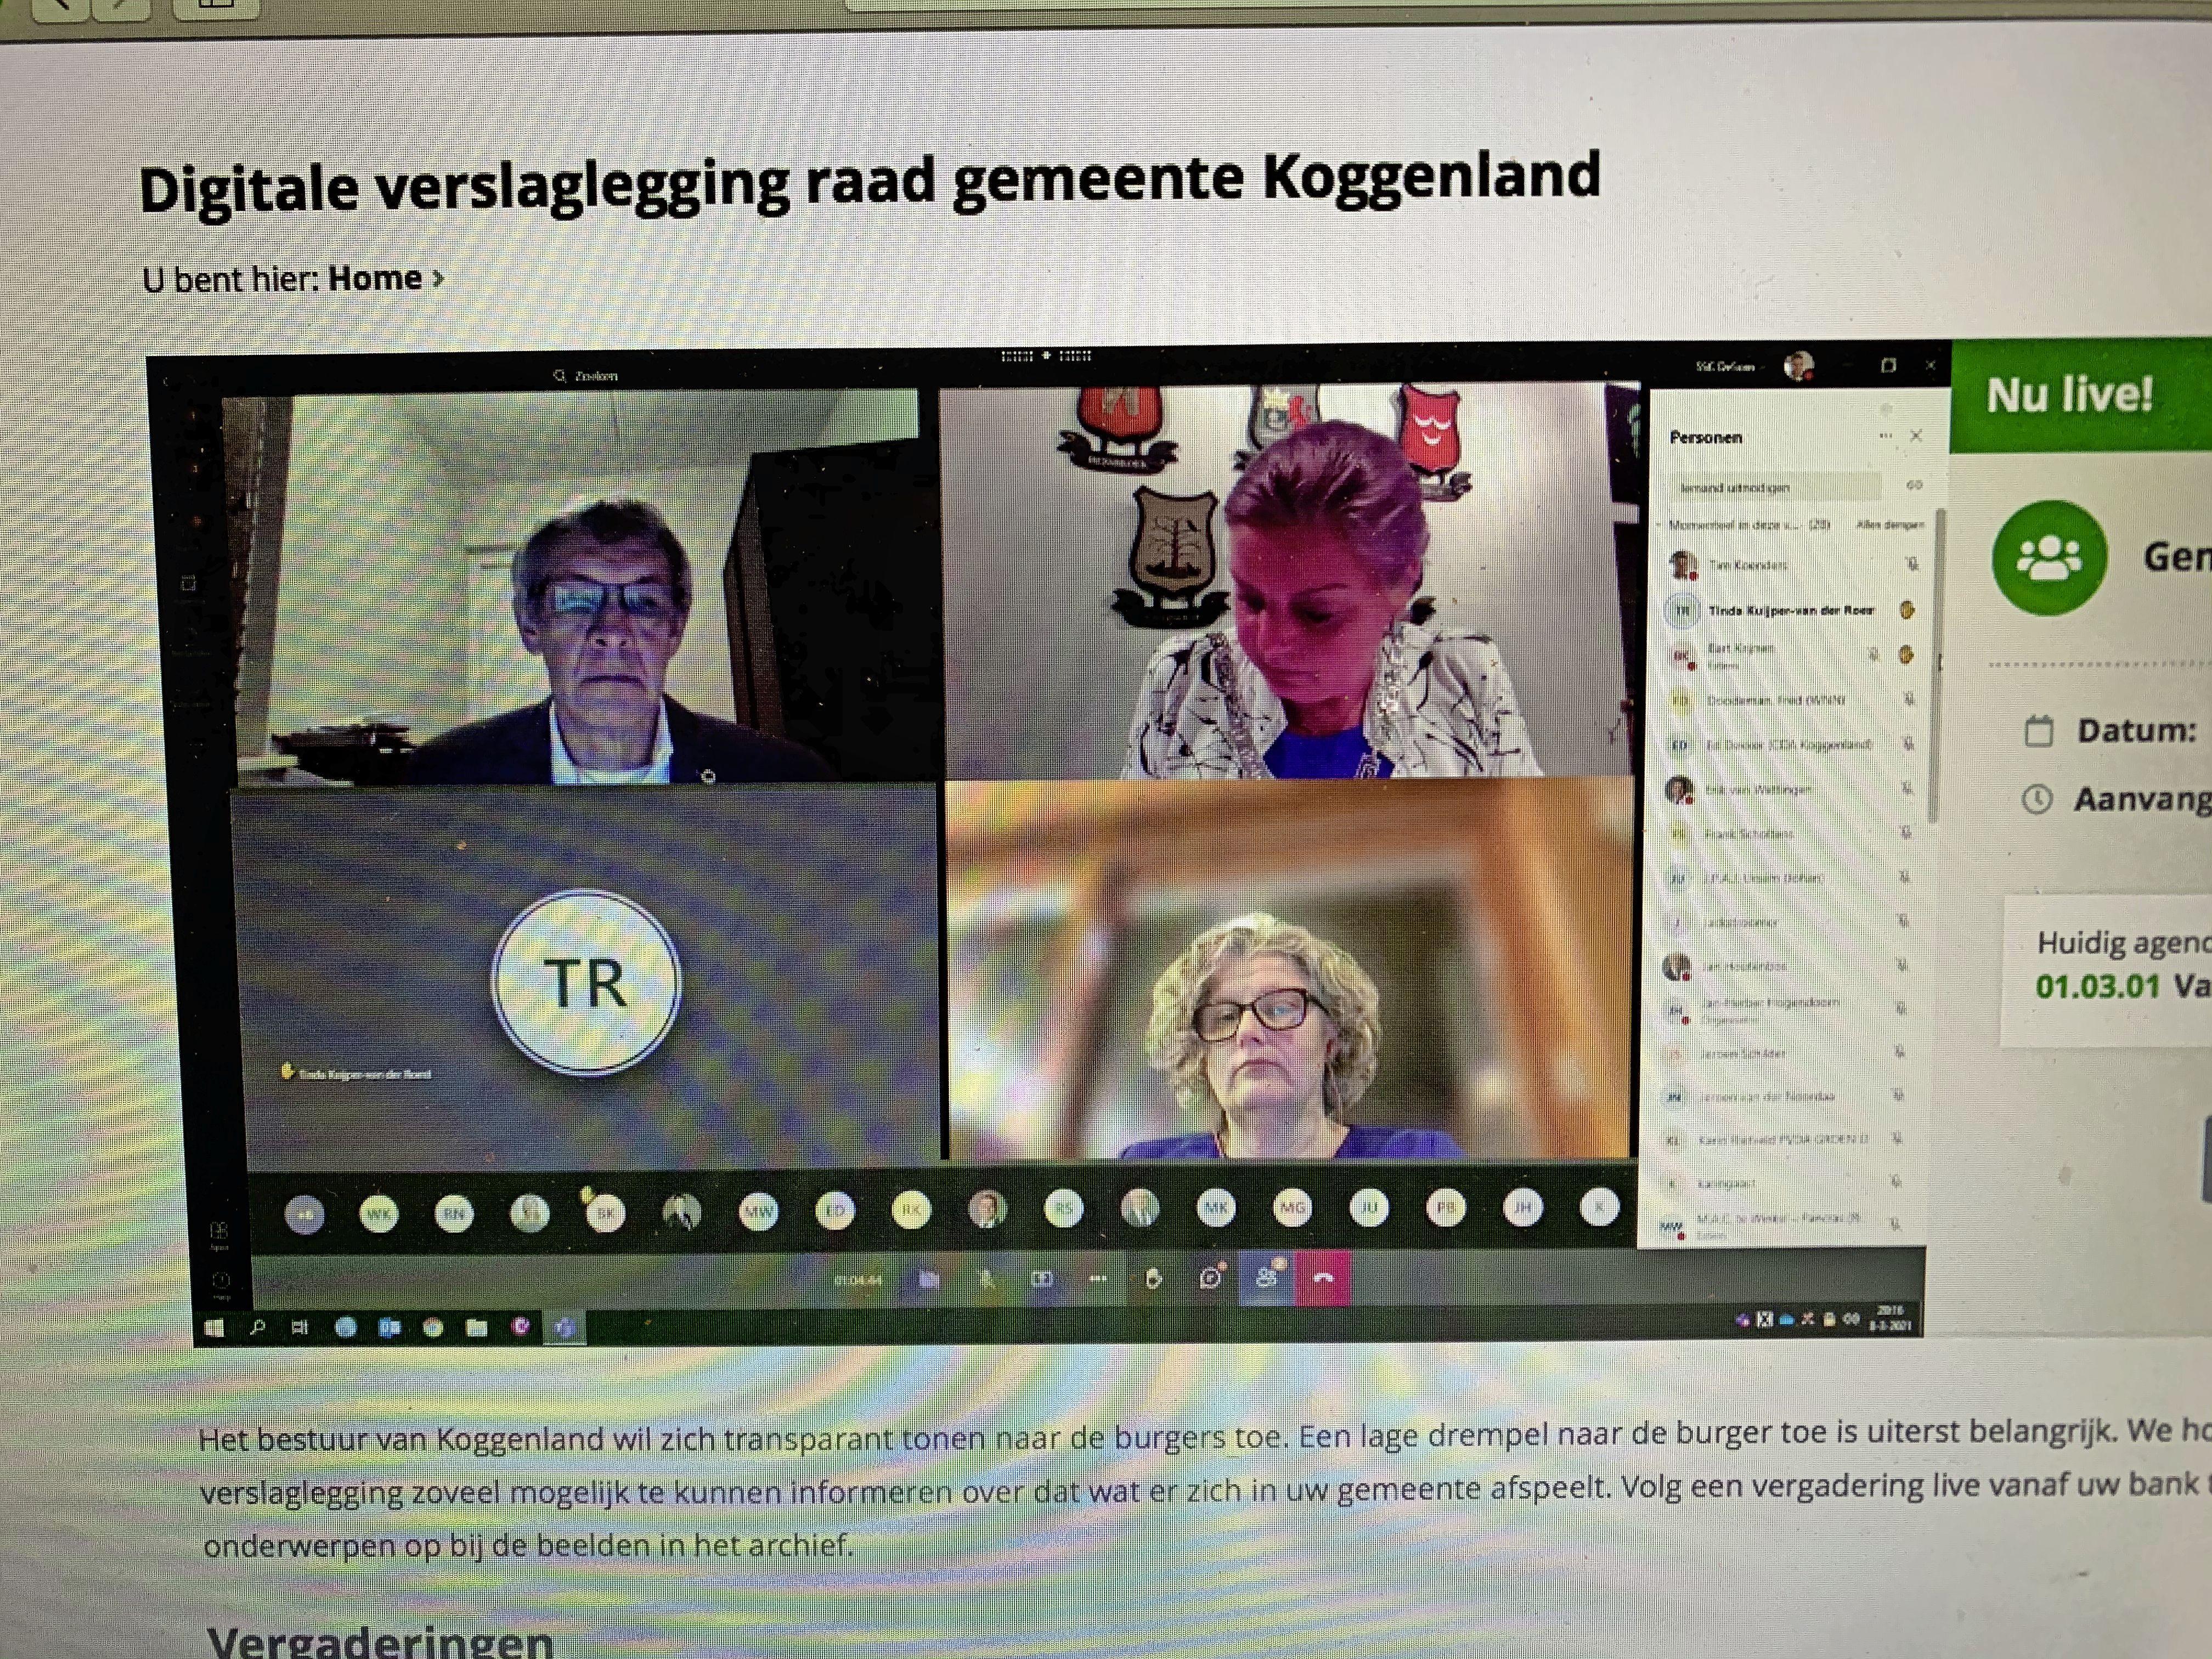 Digitale raad Koggenland voortijdig gestaakt. Technisch foutenfestival eindigt in volledige chaos